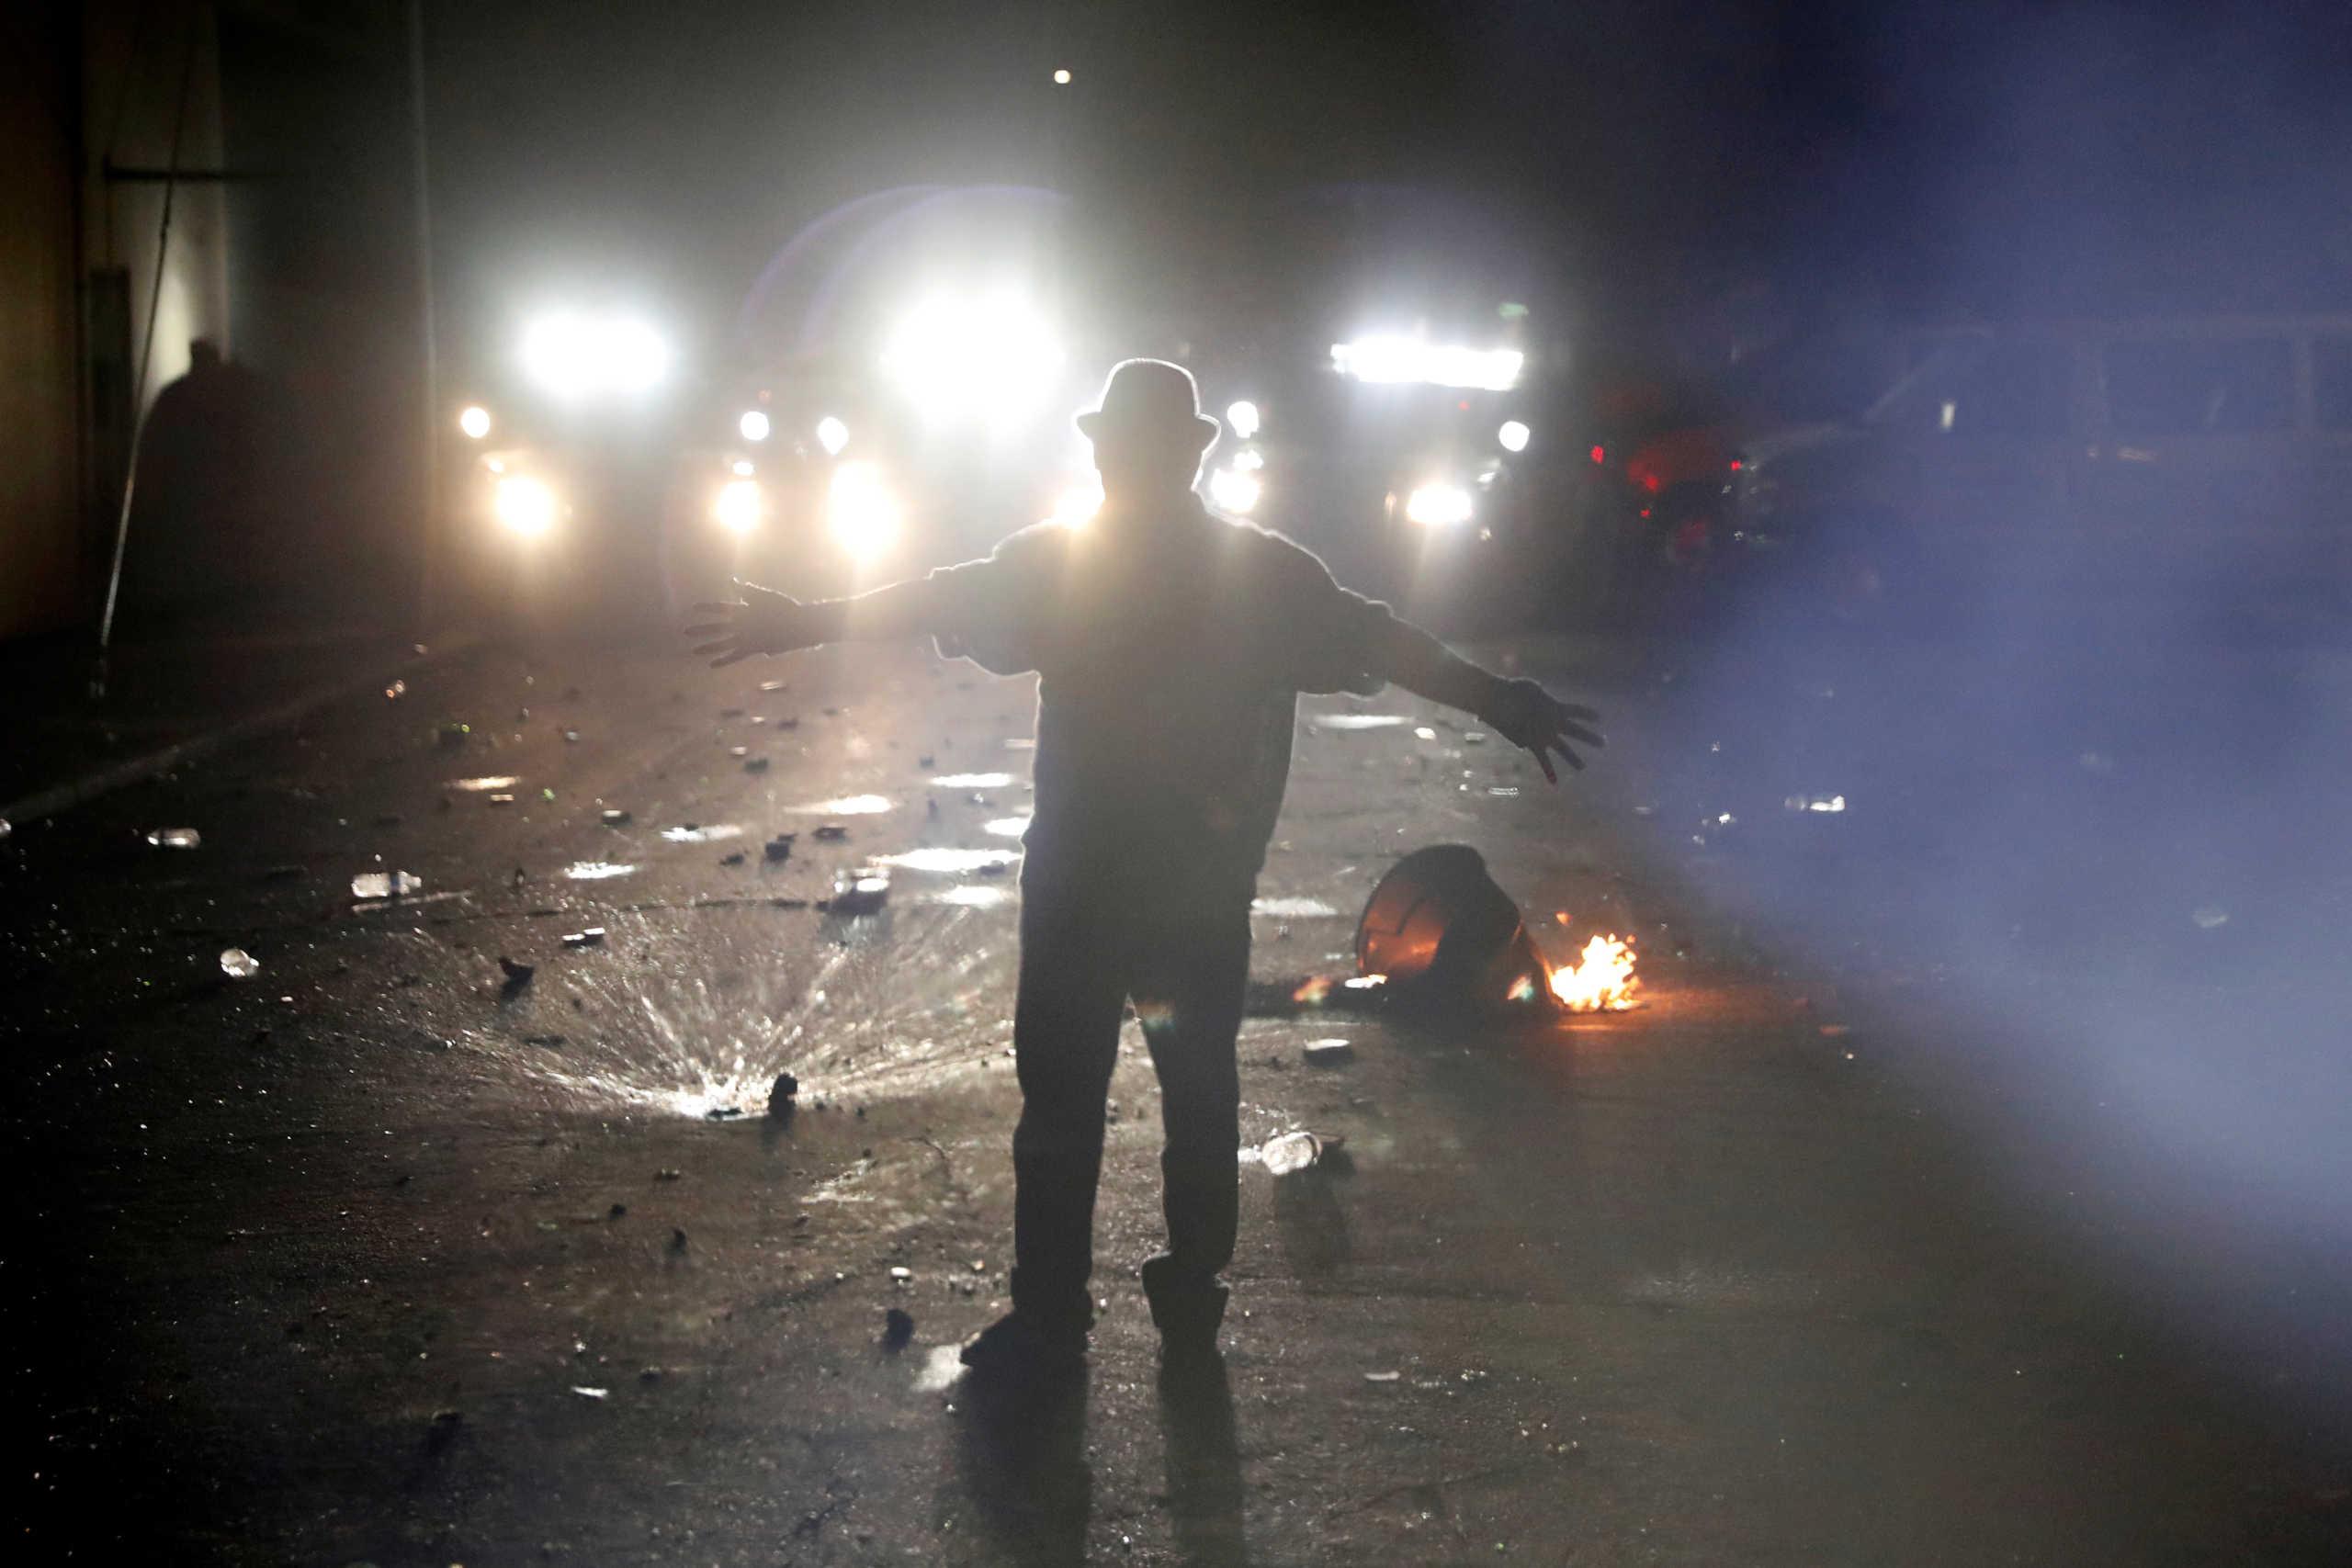 ΗΠΑ: «Όλες οι επιλογές είναι στο τραπέζι» για την αντιμετώπιση των βίαιων διαδηλώσεων στο Πόρτλαντ